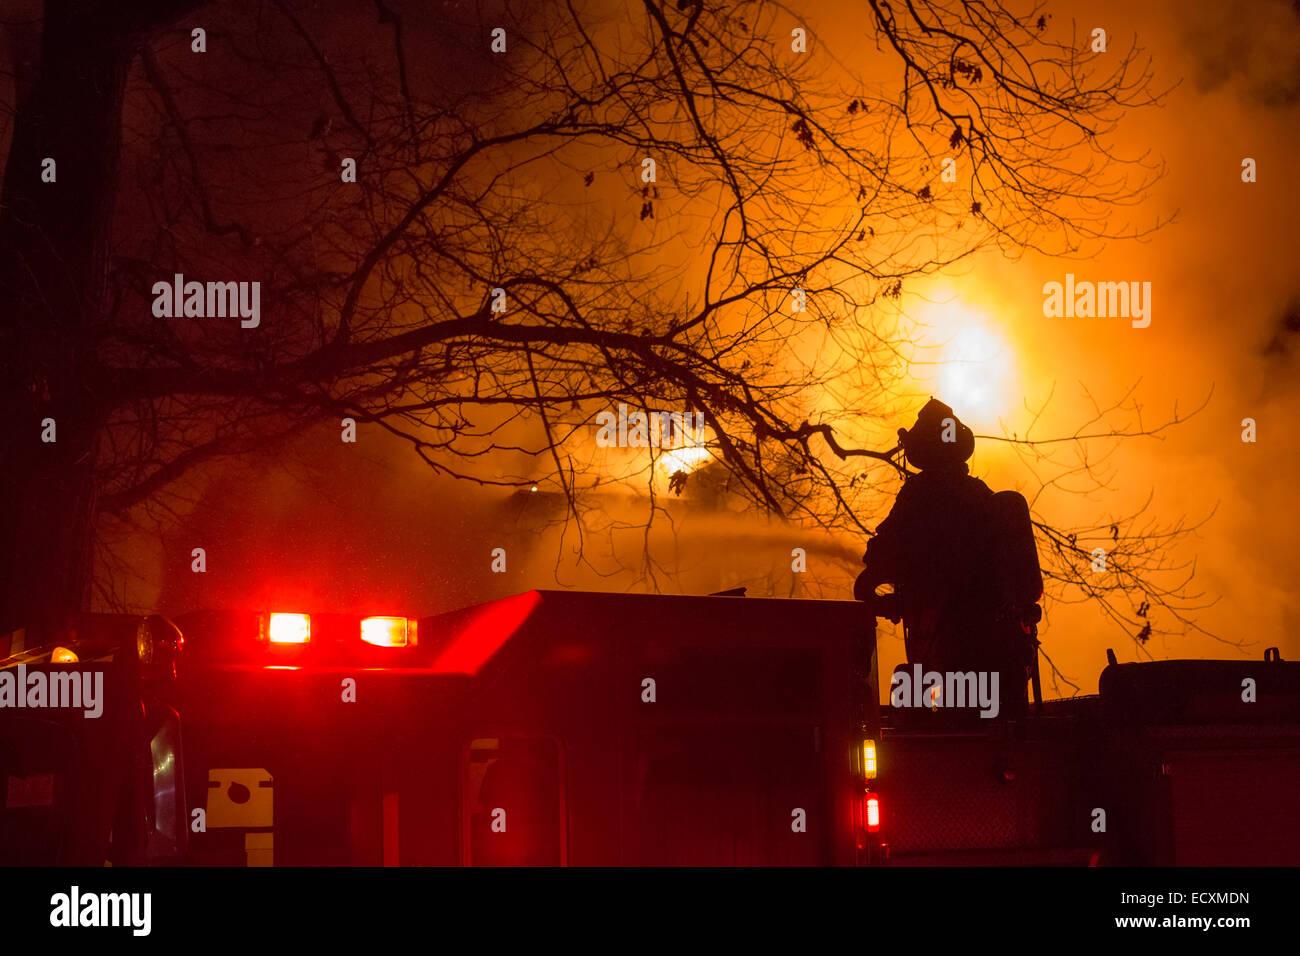 Detroit, Michigan USA - Feuerwehr Schlacht ein Feuer, das ein frei Haus in Detroit Morningside Nachbarschaft zerstört. Stockbild